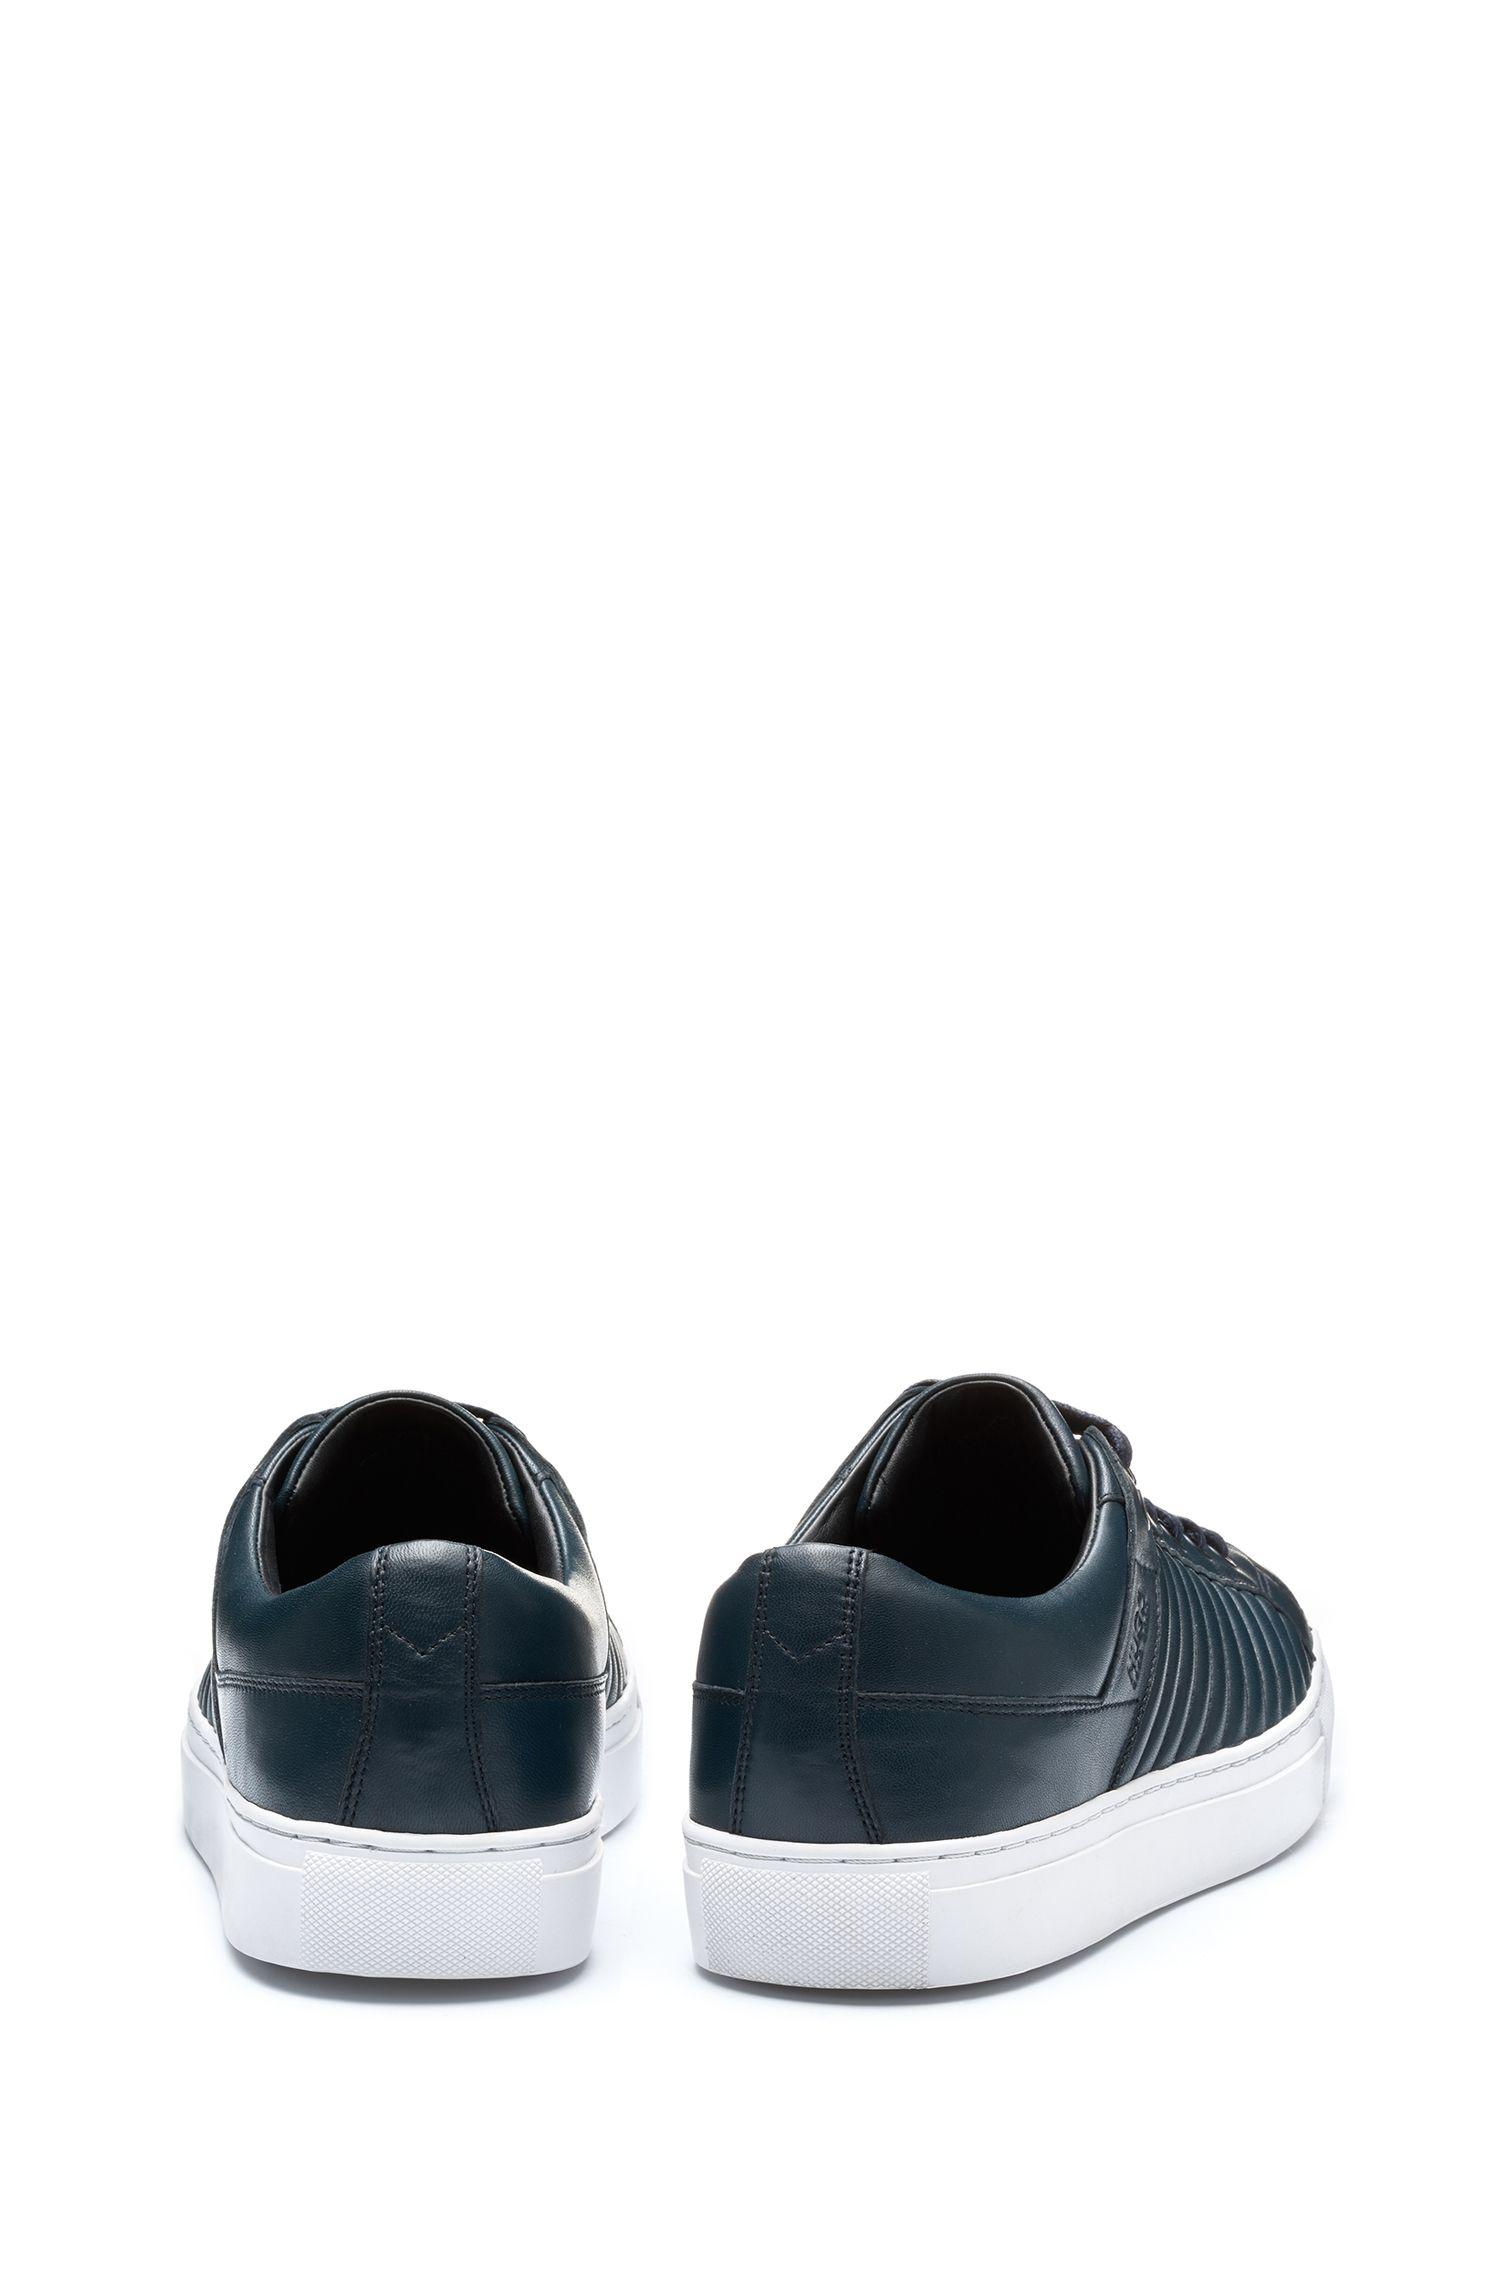 Sneakers in tennisstijl, van lamsleer met matelassé-details, Donkerblauw